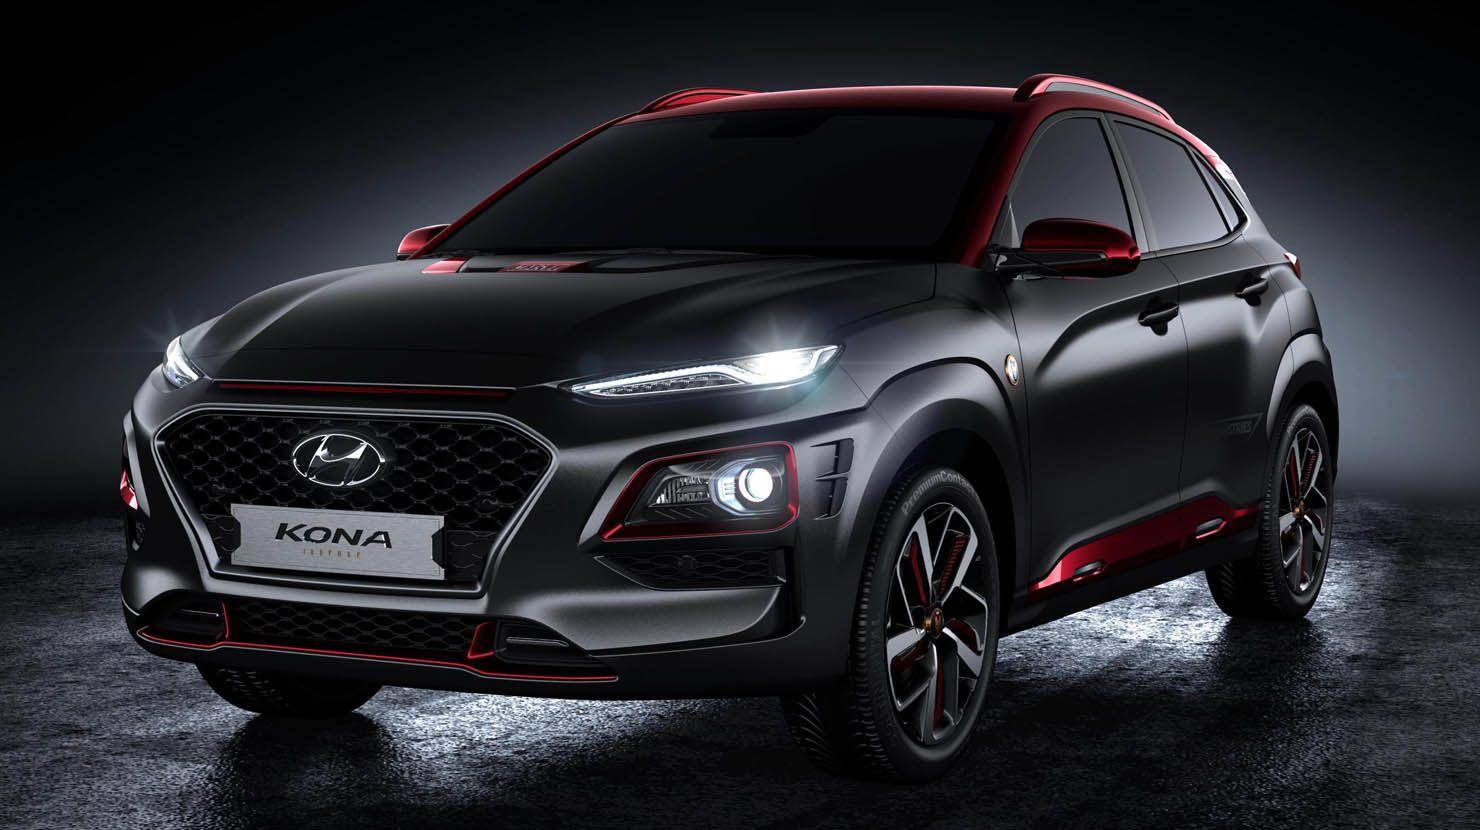 هيونداي كونا نسخة آيرون مان الخاصة موقع ويلز Iron Man Hyundai Kona Hyundai